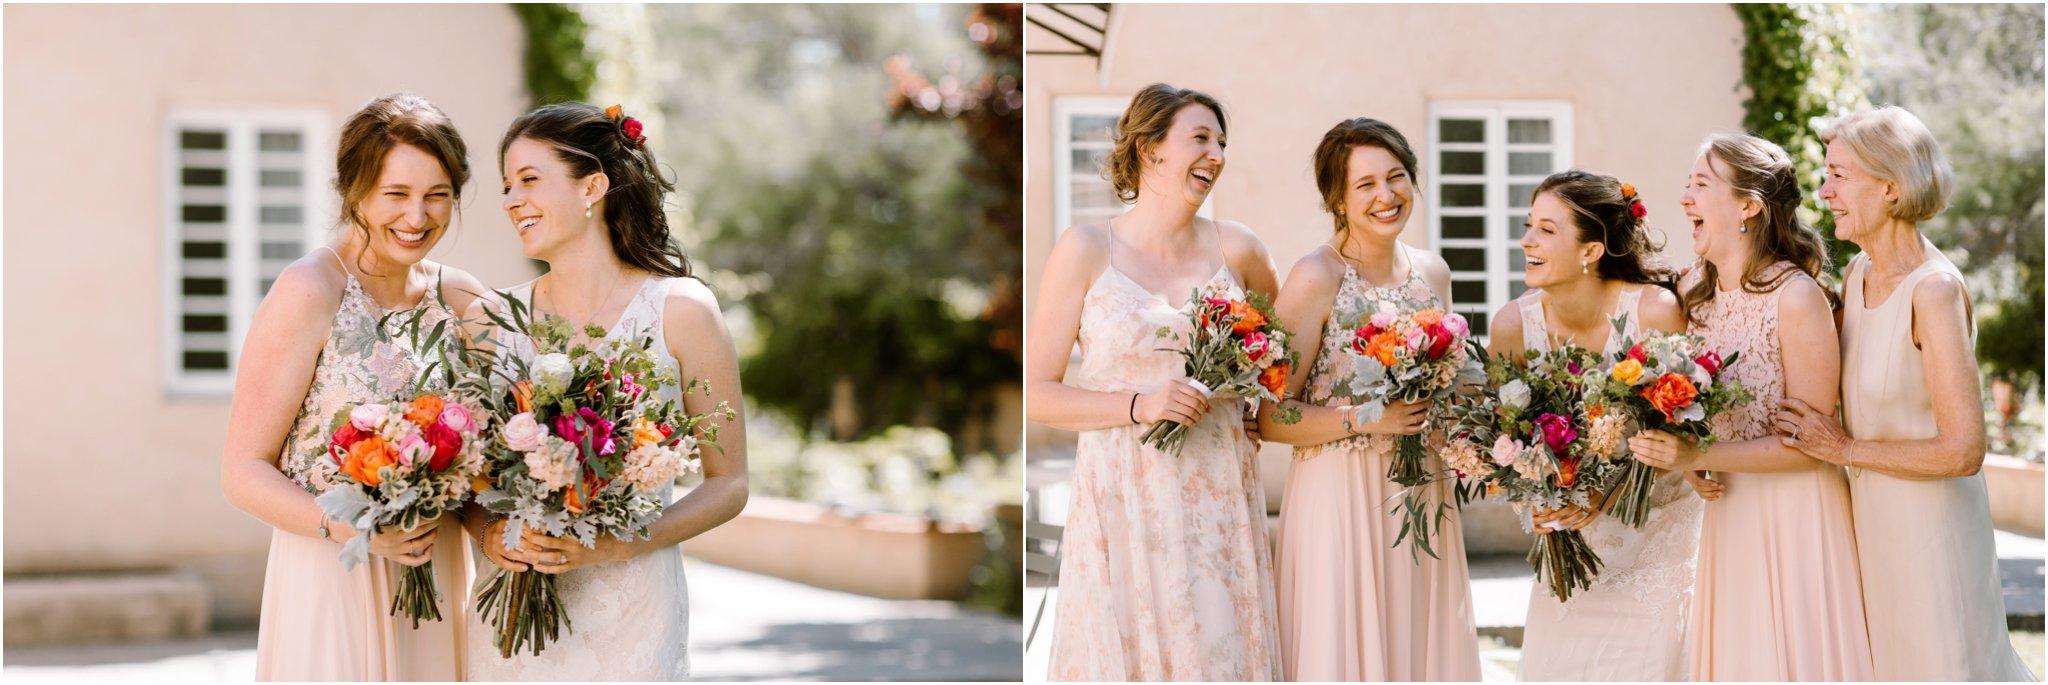 0251Los Poblanos Weddings Blue Rose Photography Studios